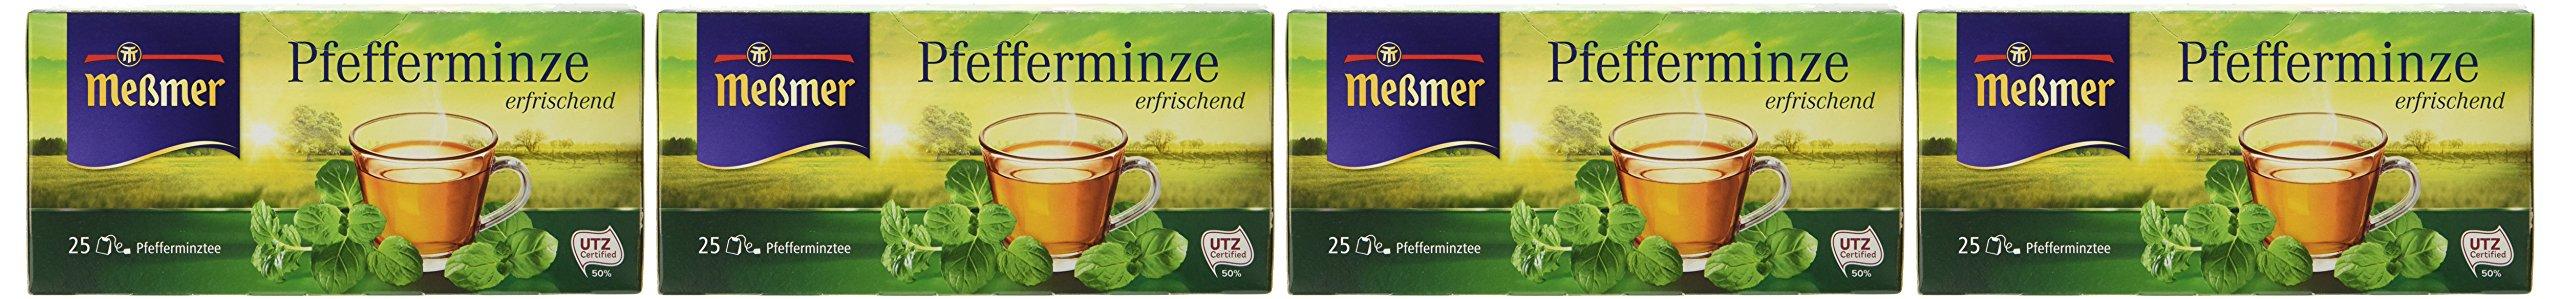 Memer-Tee-4er-Pack-4-x-5625-g